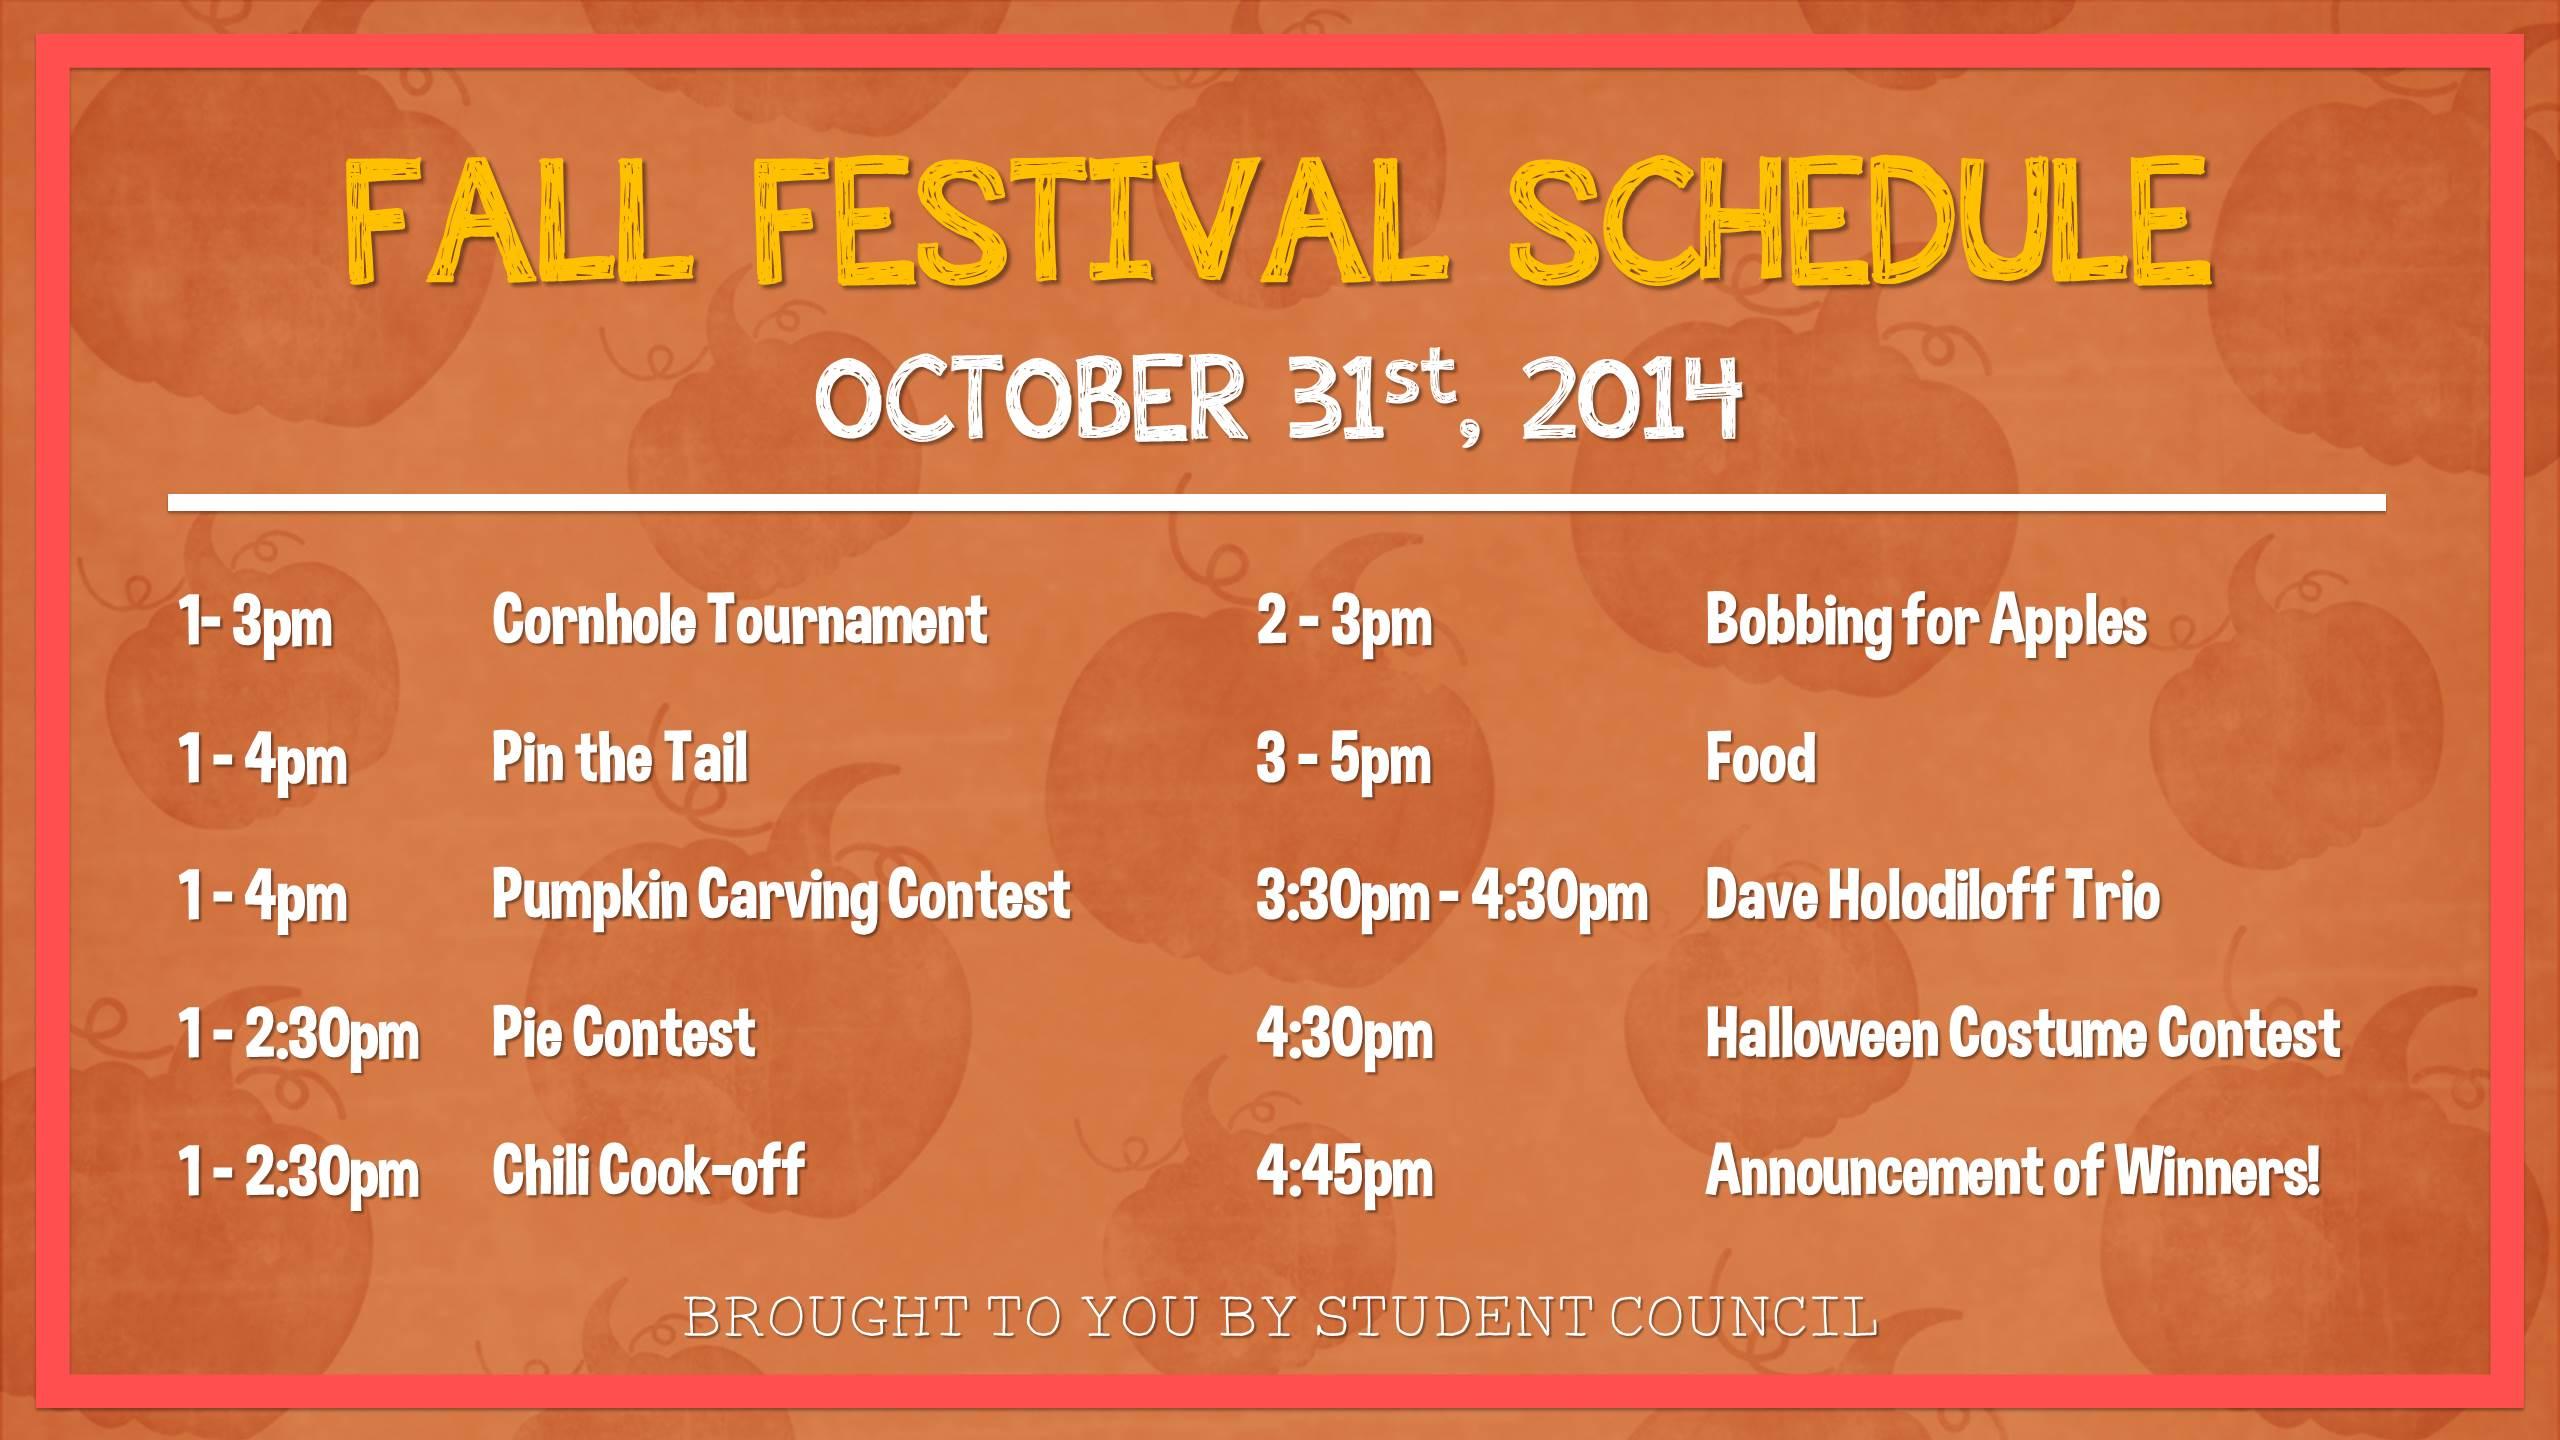 Fall Festival Schedule 2